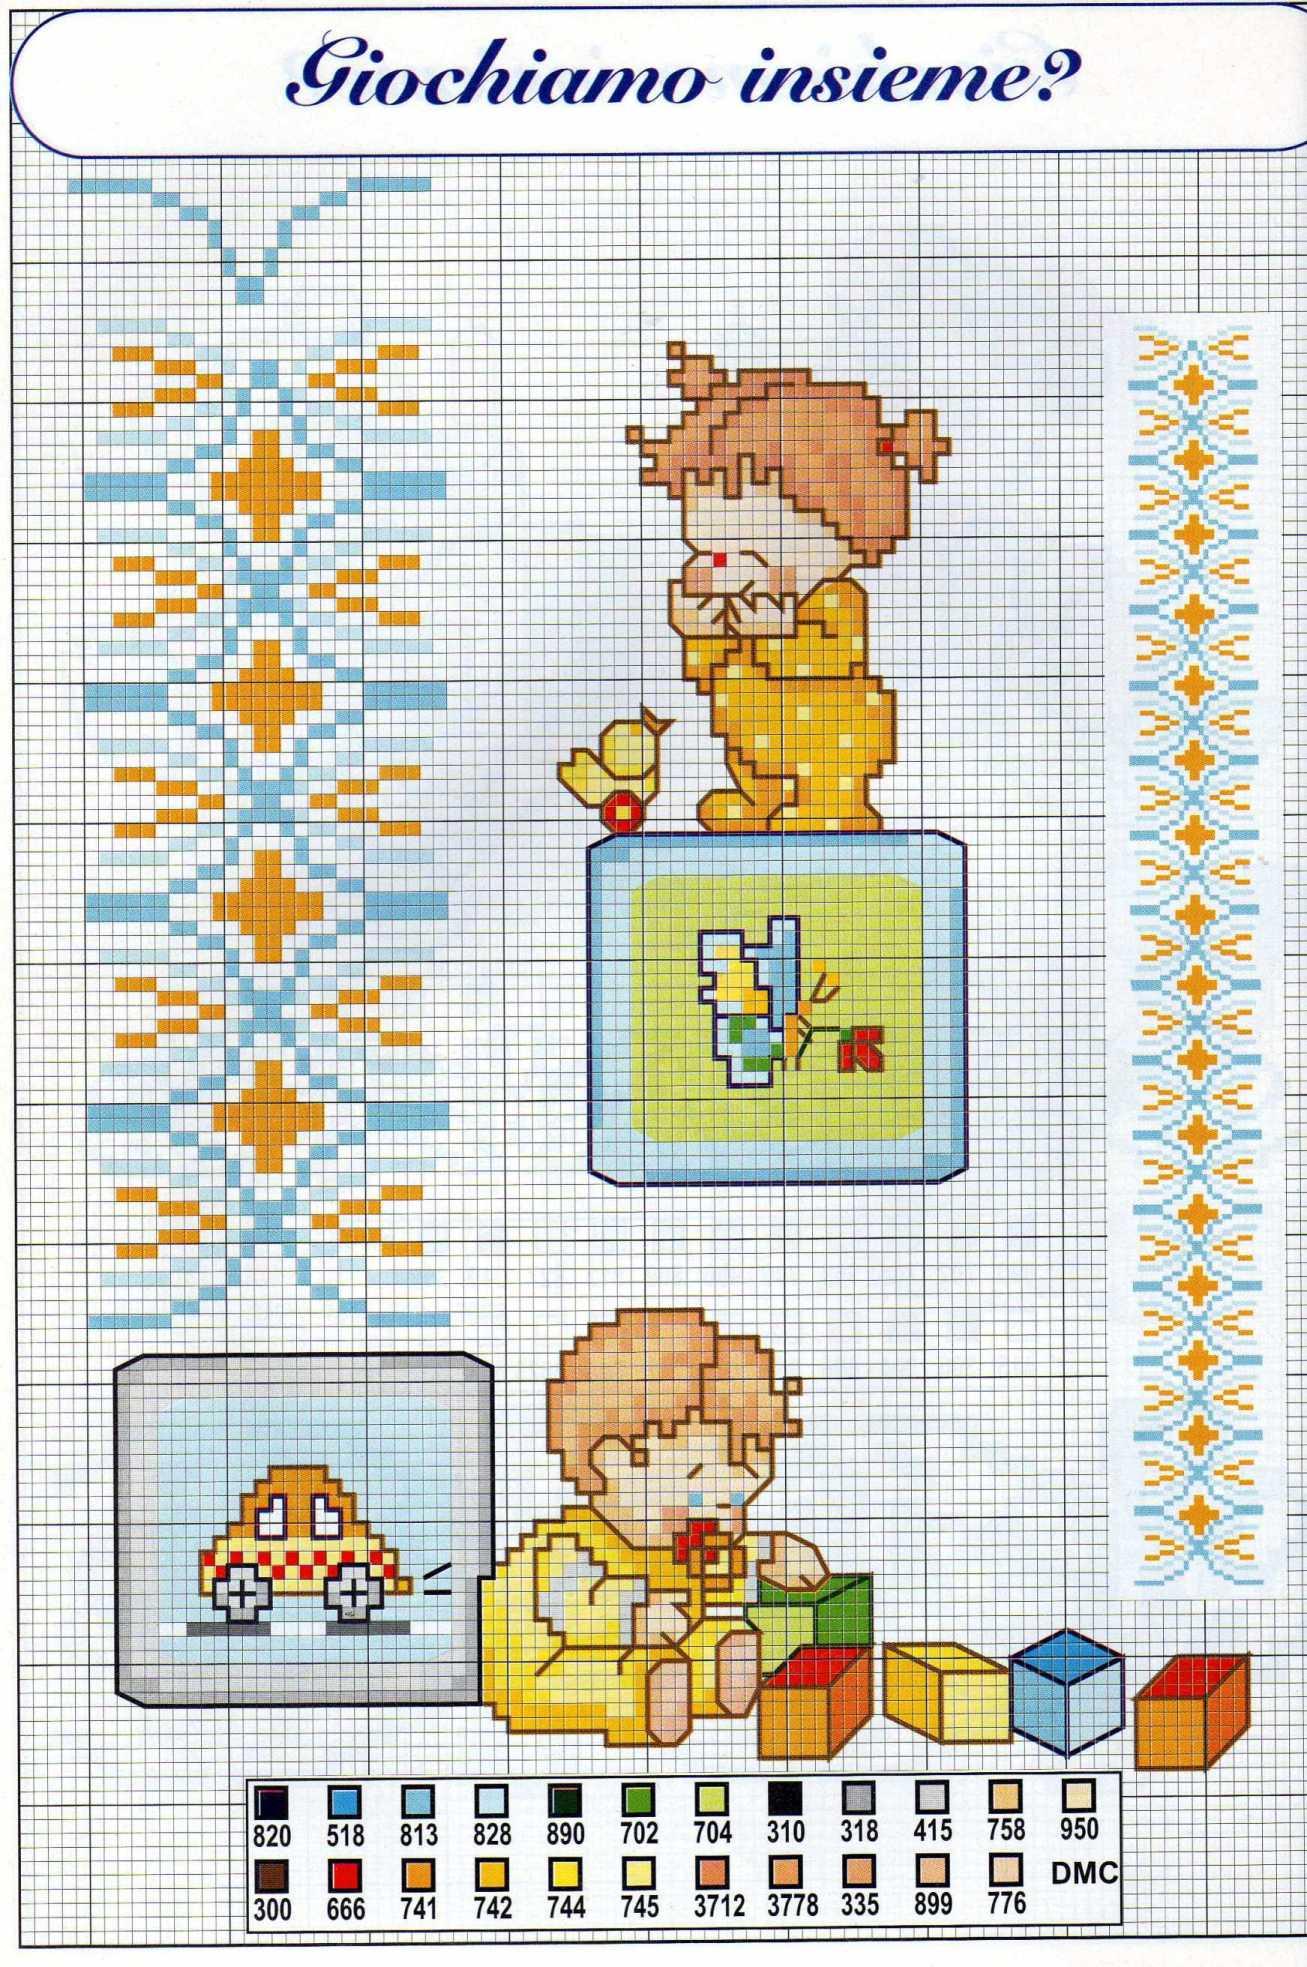 Bimbi che giocano piccoli schemi da ricamare 1 for Schemi punto croce bagnetto bimbi